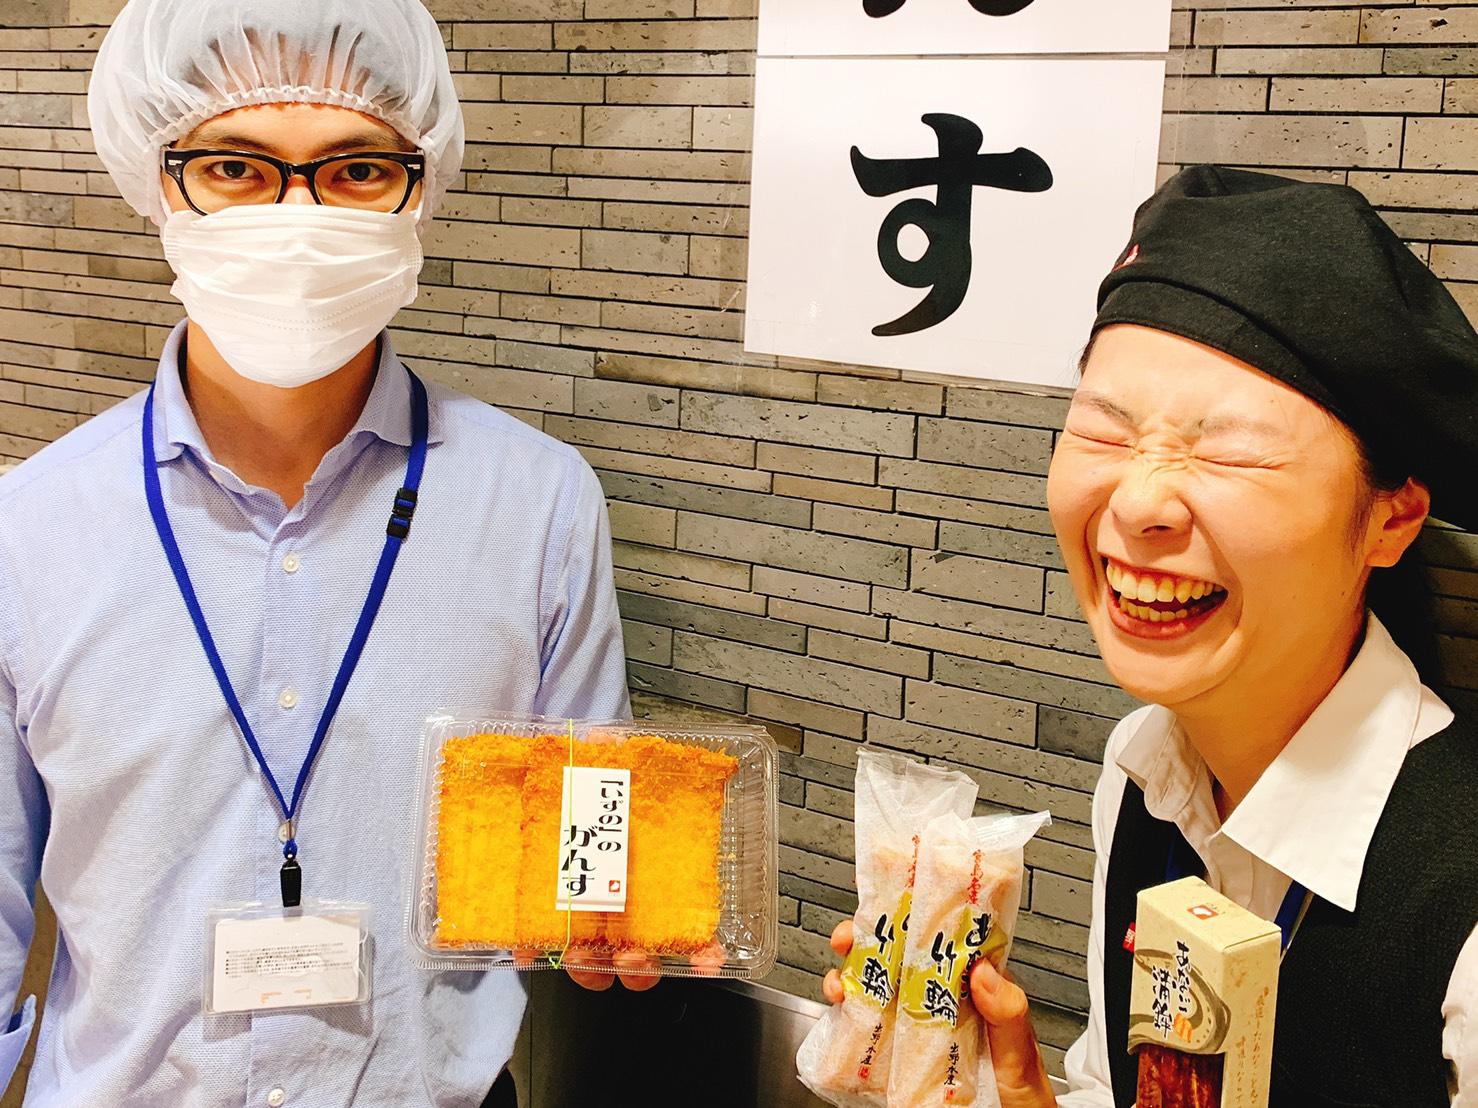 広島駅北口にあるいずのエキエ広島店では、当日揚げたてがんすをご用意しています